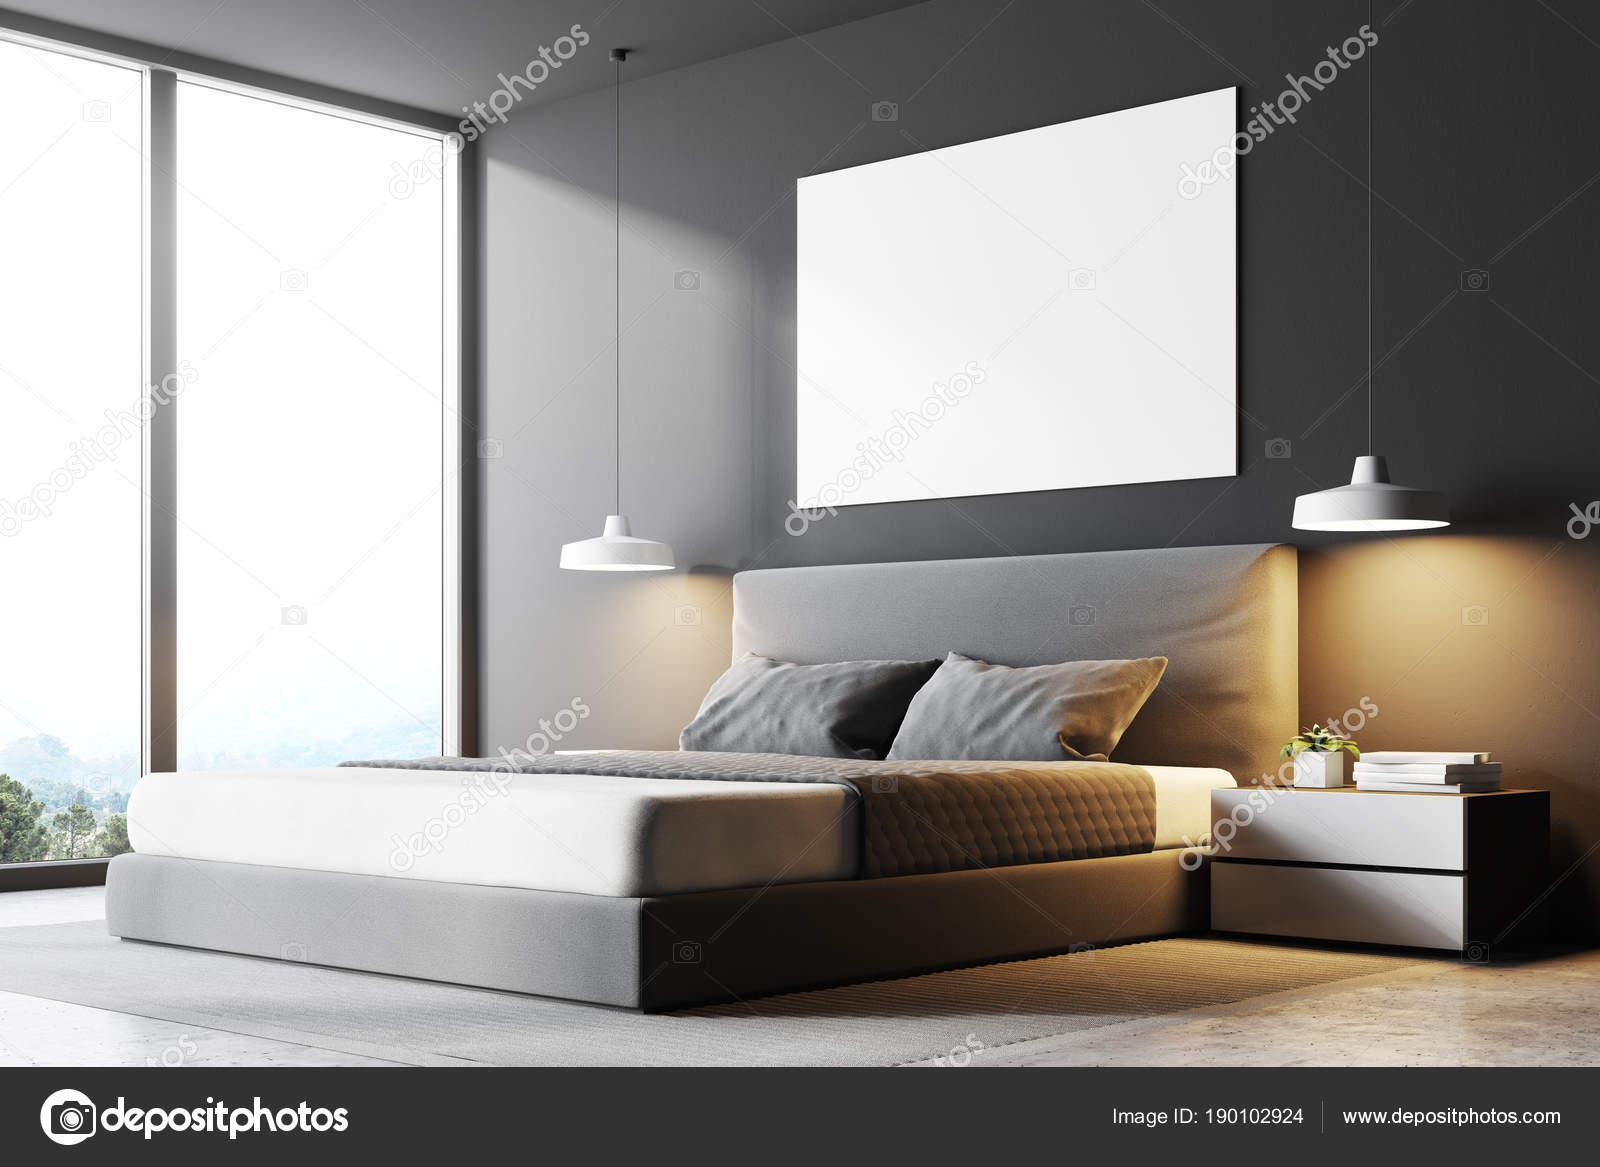 https://st3.depositphotos.com/2673929/19010/i/1600/depositphotos_190102924-stockafbeelding-grijze-panoramisch-slaapkamer-hoek-poster.jpg